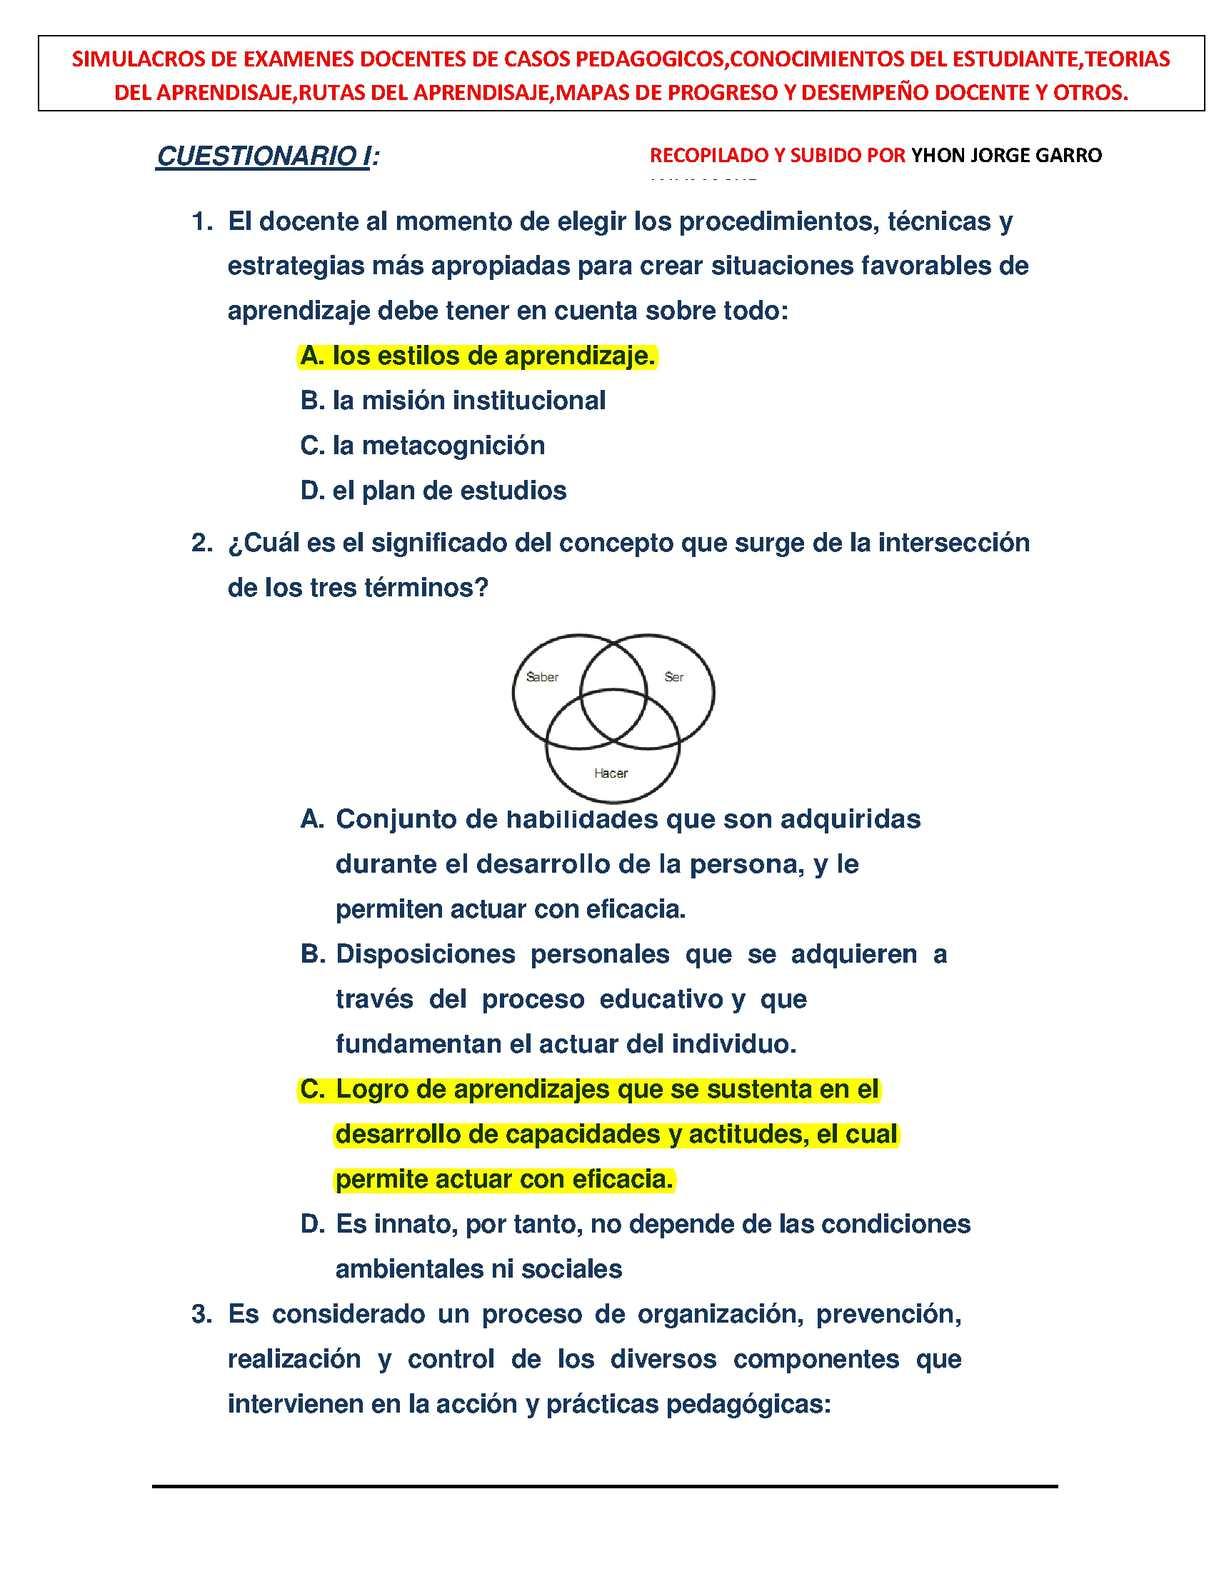 SIMULACRO DE EXAMEN